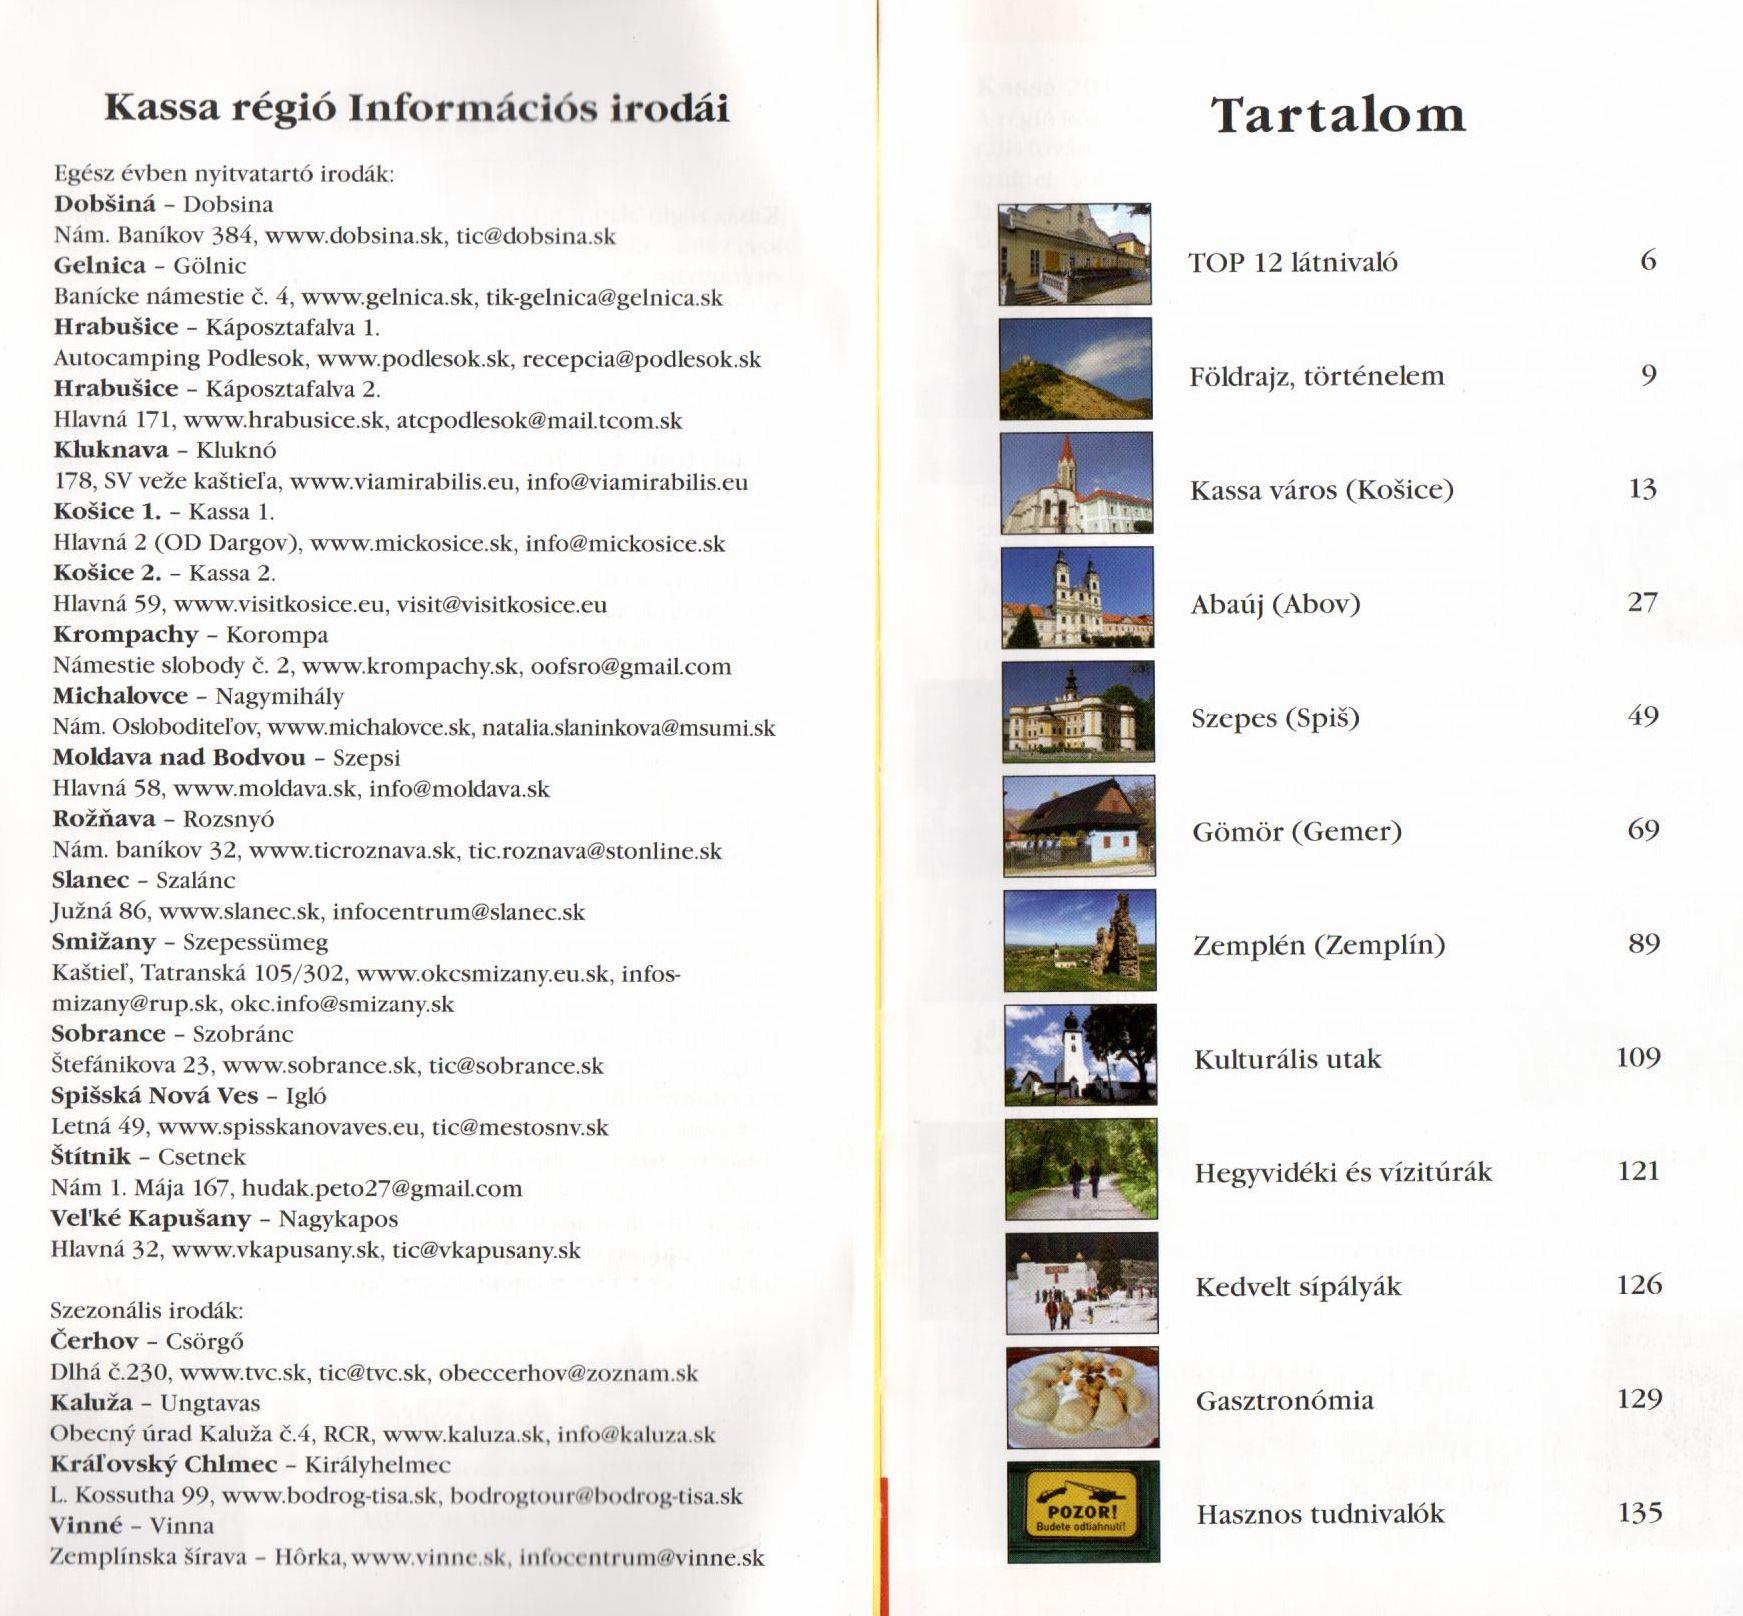 Kassa régió tartalomjegyzék